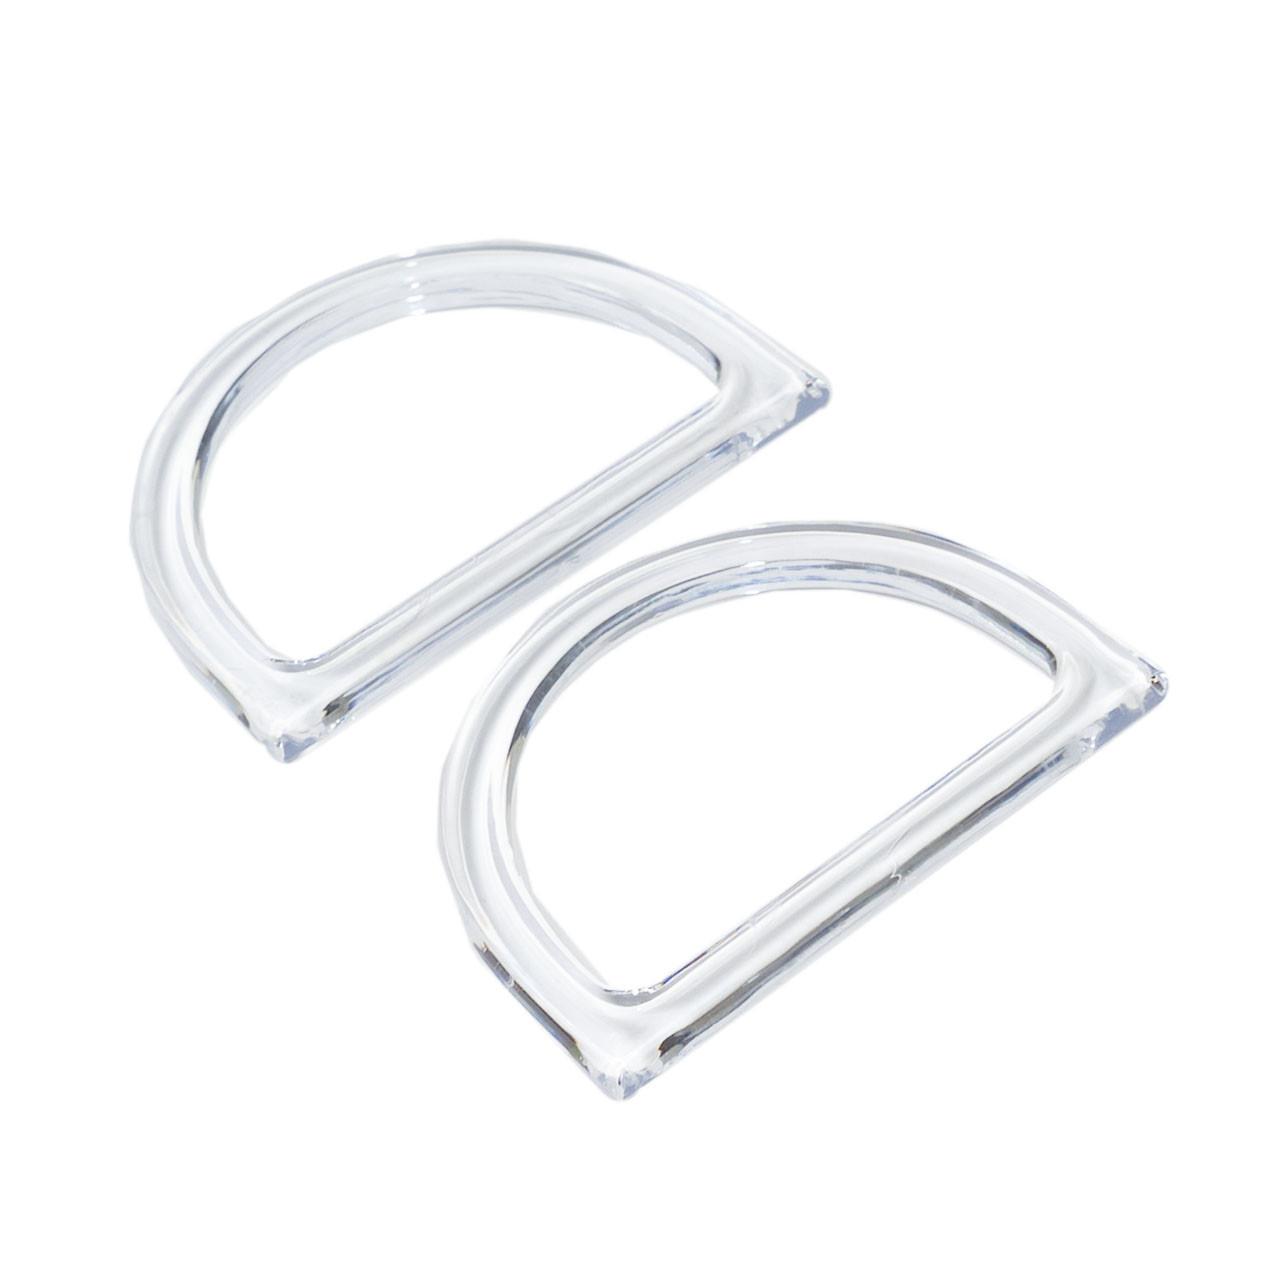 Комплект ручек для сумки пластиковых Полукруглых 12х8,5 см Прозрачные